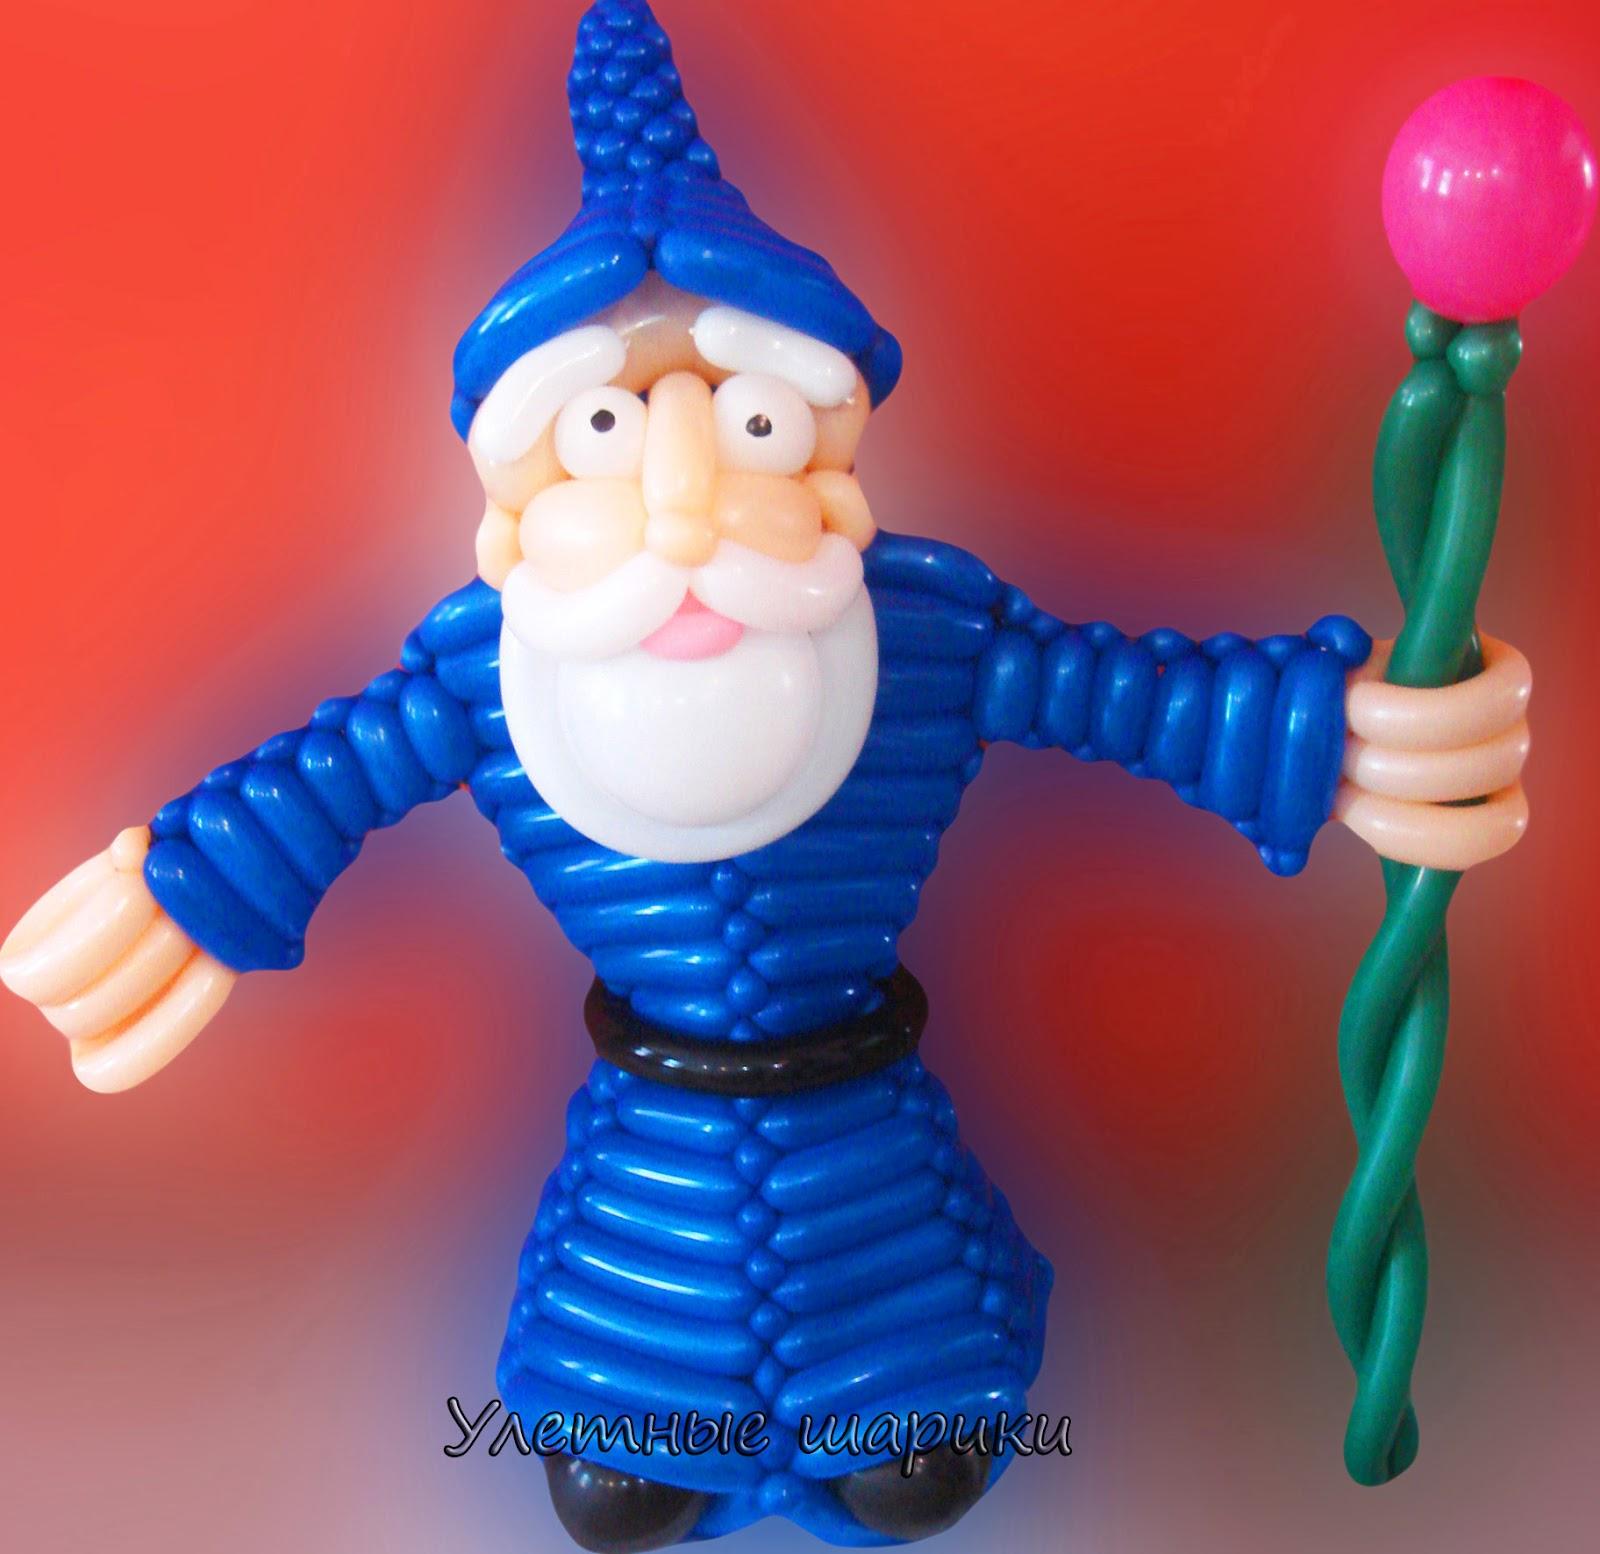 Волшебник  из воздушных шариков